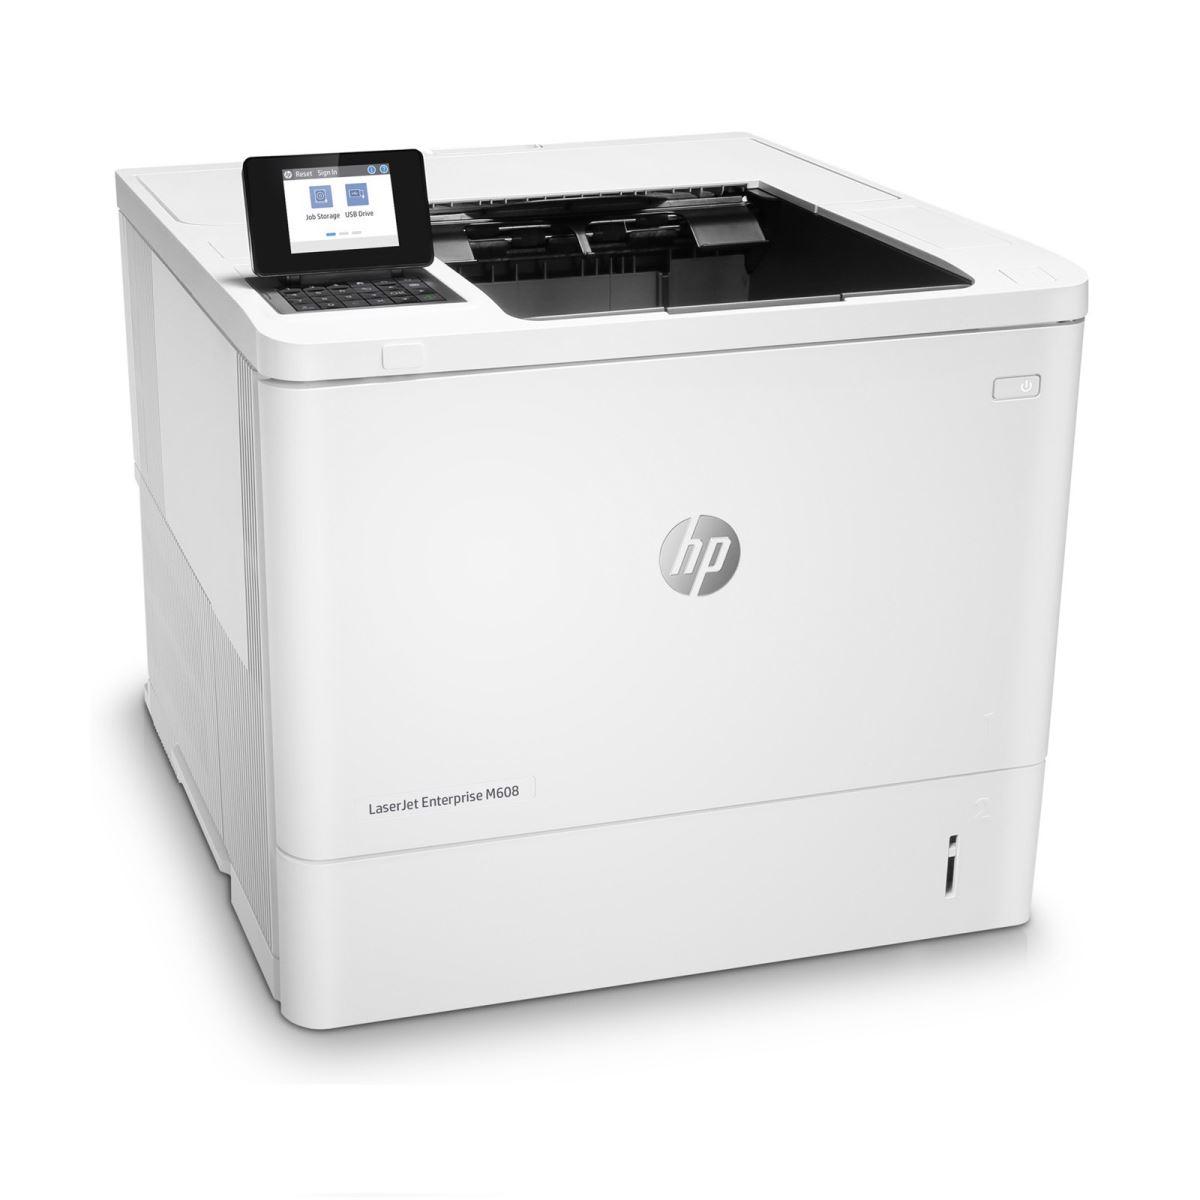 Máy in Hp M608dn là dòng máy in hai mặt tốc độ cao dành cho doanh nghiệp. Với nhiều tính năng vượt trội, dòng sản phẩm này được ưa chuộng và tìm hiểu khá nhiều. Bài viết dưới đây, mayinhanoi.vn sẽ giúp bạn hiểu rõ hơn về những tính năng của máy in cho doanh nghiệp 608dn  I. Đánh giá chung về sản phẩm máy In HP LaserJet Enterprise M608dn Máy in HP M608dn được thiết kế tính năng in 2 mặt với tốc độ rất cao. Sản phẩm có thiết kế khá nhỏ gọn và hiện đại phù hợp với nhiều không gian làm việc. Máy có thể được áp dụng trong những không gian văn phòng cỡ lớn và vừa. Ngoài ra, HP M608dn có tốc độ xử lý nhanh và cho ra chất lượng bản in tốt nên giúp người sử dụng rút ngắn thời gian in ấn của mình. Máy còn có thể giúp người sử dụng tiết kiệm thời gian, điện năng và tăng hiệu quả làm việc. Tính năng bảo mật của máy cũng được đánh giá rất cao.  Máy in hai mặt tốc độ cao chuyên dành cho công việc in ấn của các doanh nghiệp II. Các tính năng của máy in HP Laser M608dn 1. Hệ thống in ấn có tính bảo mật cao Máy in hai mặt tốc độ cao M608dn có sự hỗ trợ của HP Sure Start nên luôn được kiểm tra mã hoạt động thường xuyên. Đặc biệt máy có khả năng tự khôi phục sau khi bị tấn công vào hệ thống bảo mật. Bên cạnh đó, máy còn có khả năng ngăn chặn những cuộc xâm nhập tiềm ẩn. Một khi có phát hiện bất kì lỗ hổng bảo mật nào máy sẽ báo sự cố bảo mật ngay lập tức để hạn chế rủi ro. 2. Mang đến hiệu quả và tiết kiệm năng lượng  Máy in cho doanh nghiệp M608dn có khả năng hoàn thành nhanh các tác vụ được giao phó. Đồng thời Hp M608dn có chức năng kiểm soát chất lượng giấy khi in. Do đó tránh được tình trạng hao giấy do lỗi in ấn. Máy còn có thể in đảo mặt với tốc độ nhanh gần bằng so với in 1 mặt. HP M608dn có tốc độ khởi động nhanh và khả năng in ra trang đầu tiên chỉ sau 7.8s.  Máy in có giao diện thân thiện và dễ sử dụng HP Laser M608dn có khả năng hoàn thành nhanh các tác vụ, giúp in tài liệu hai mặt nhanh chóng và tiết kiệm giấy với tốc độ in đen trắng lên đến 61 trang/ phút.  3. Chất lượng 